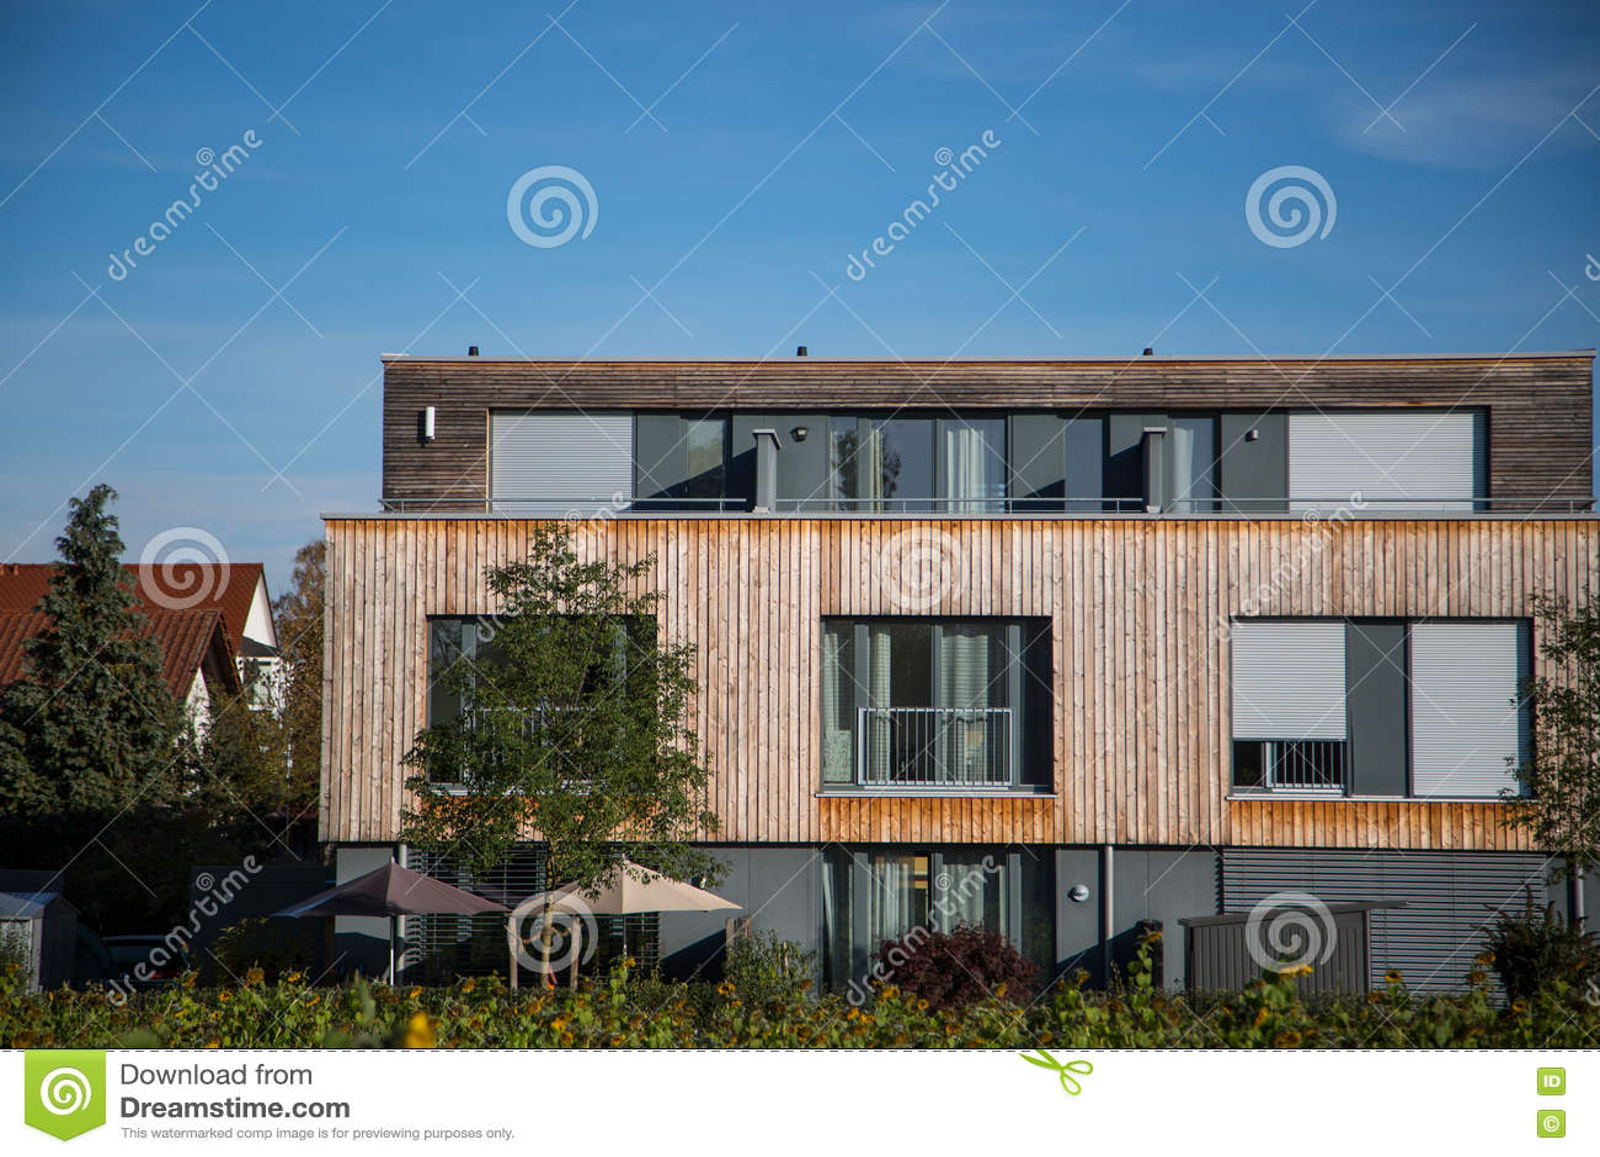 Contromobile ikea - Casa legno moderna ...